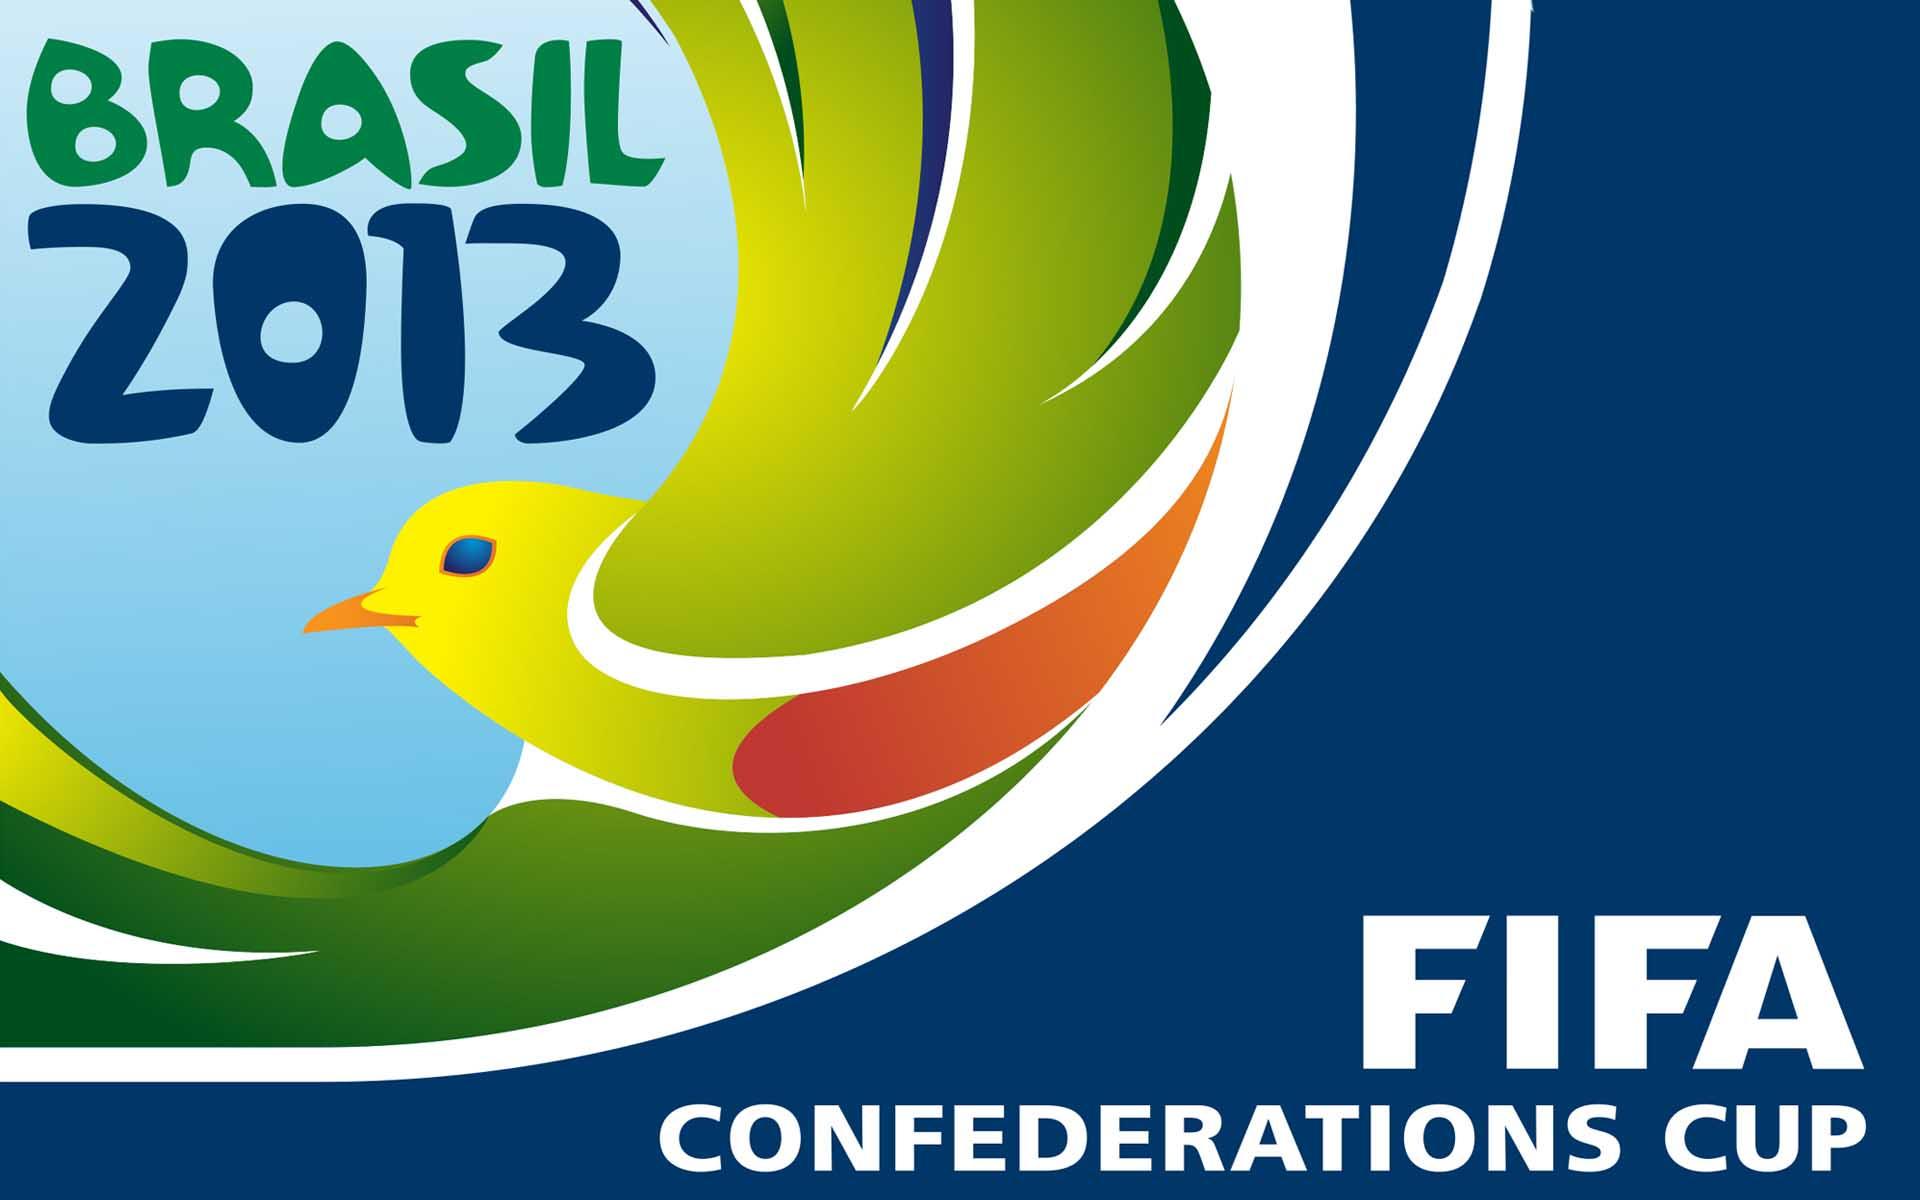 Confederations Cup 2013